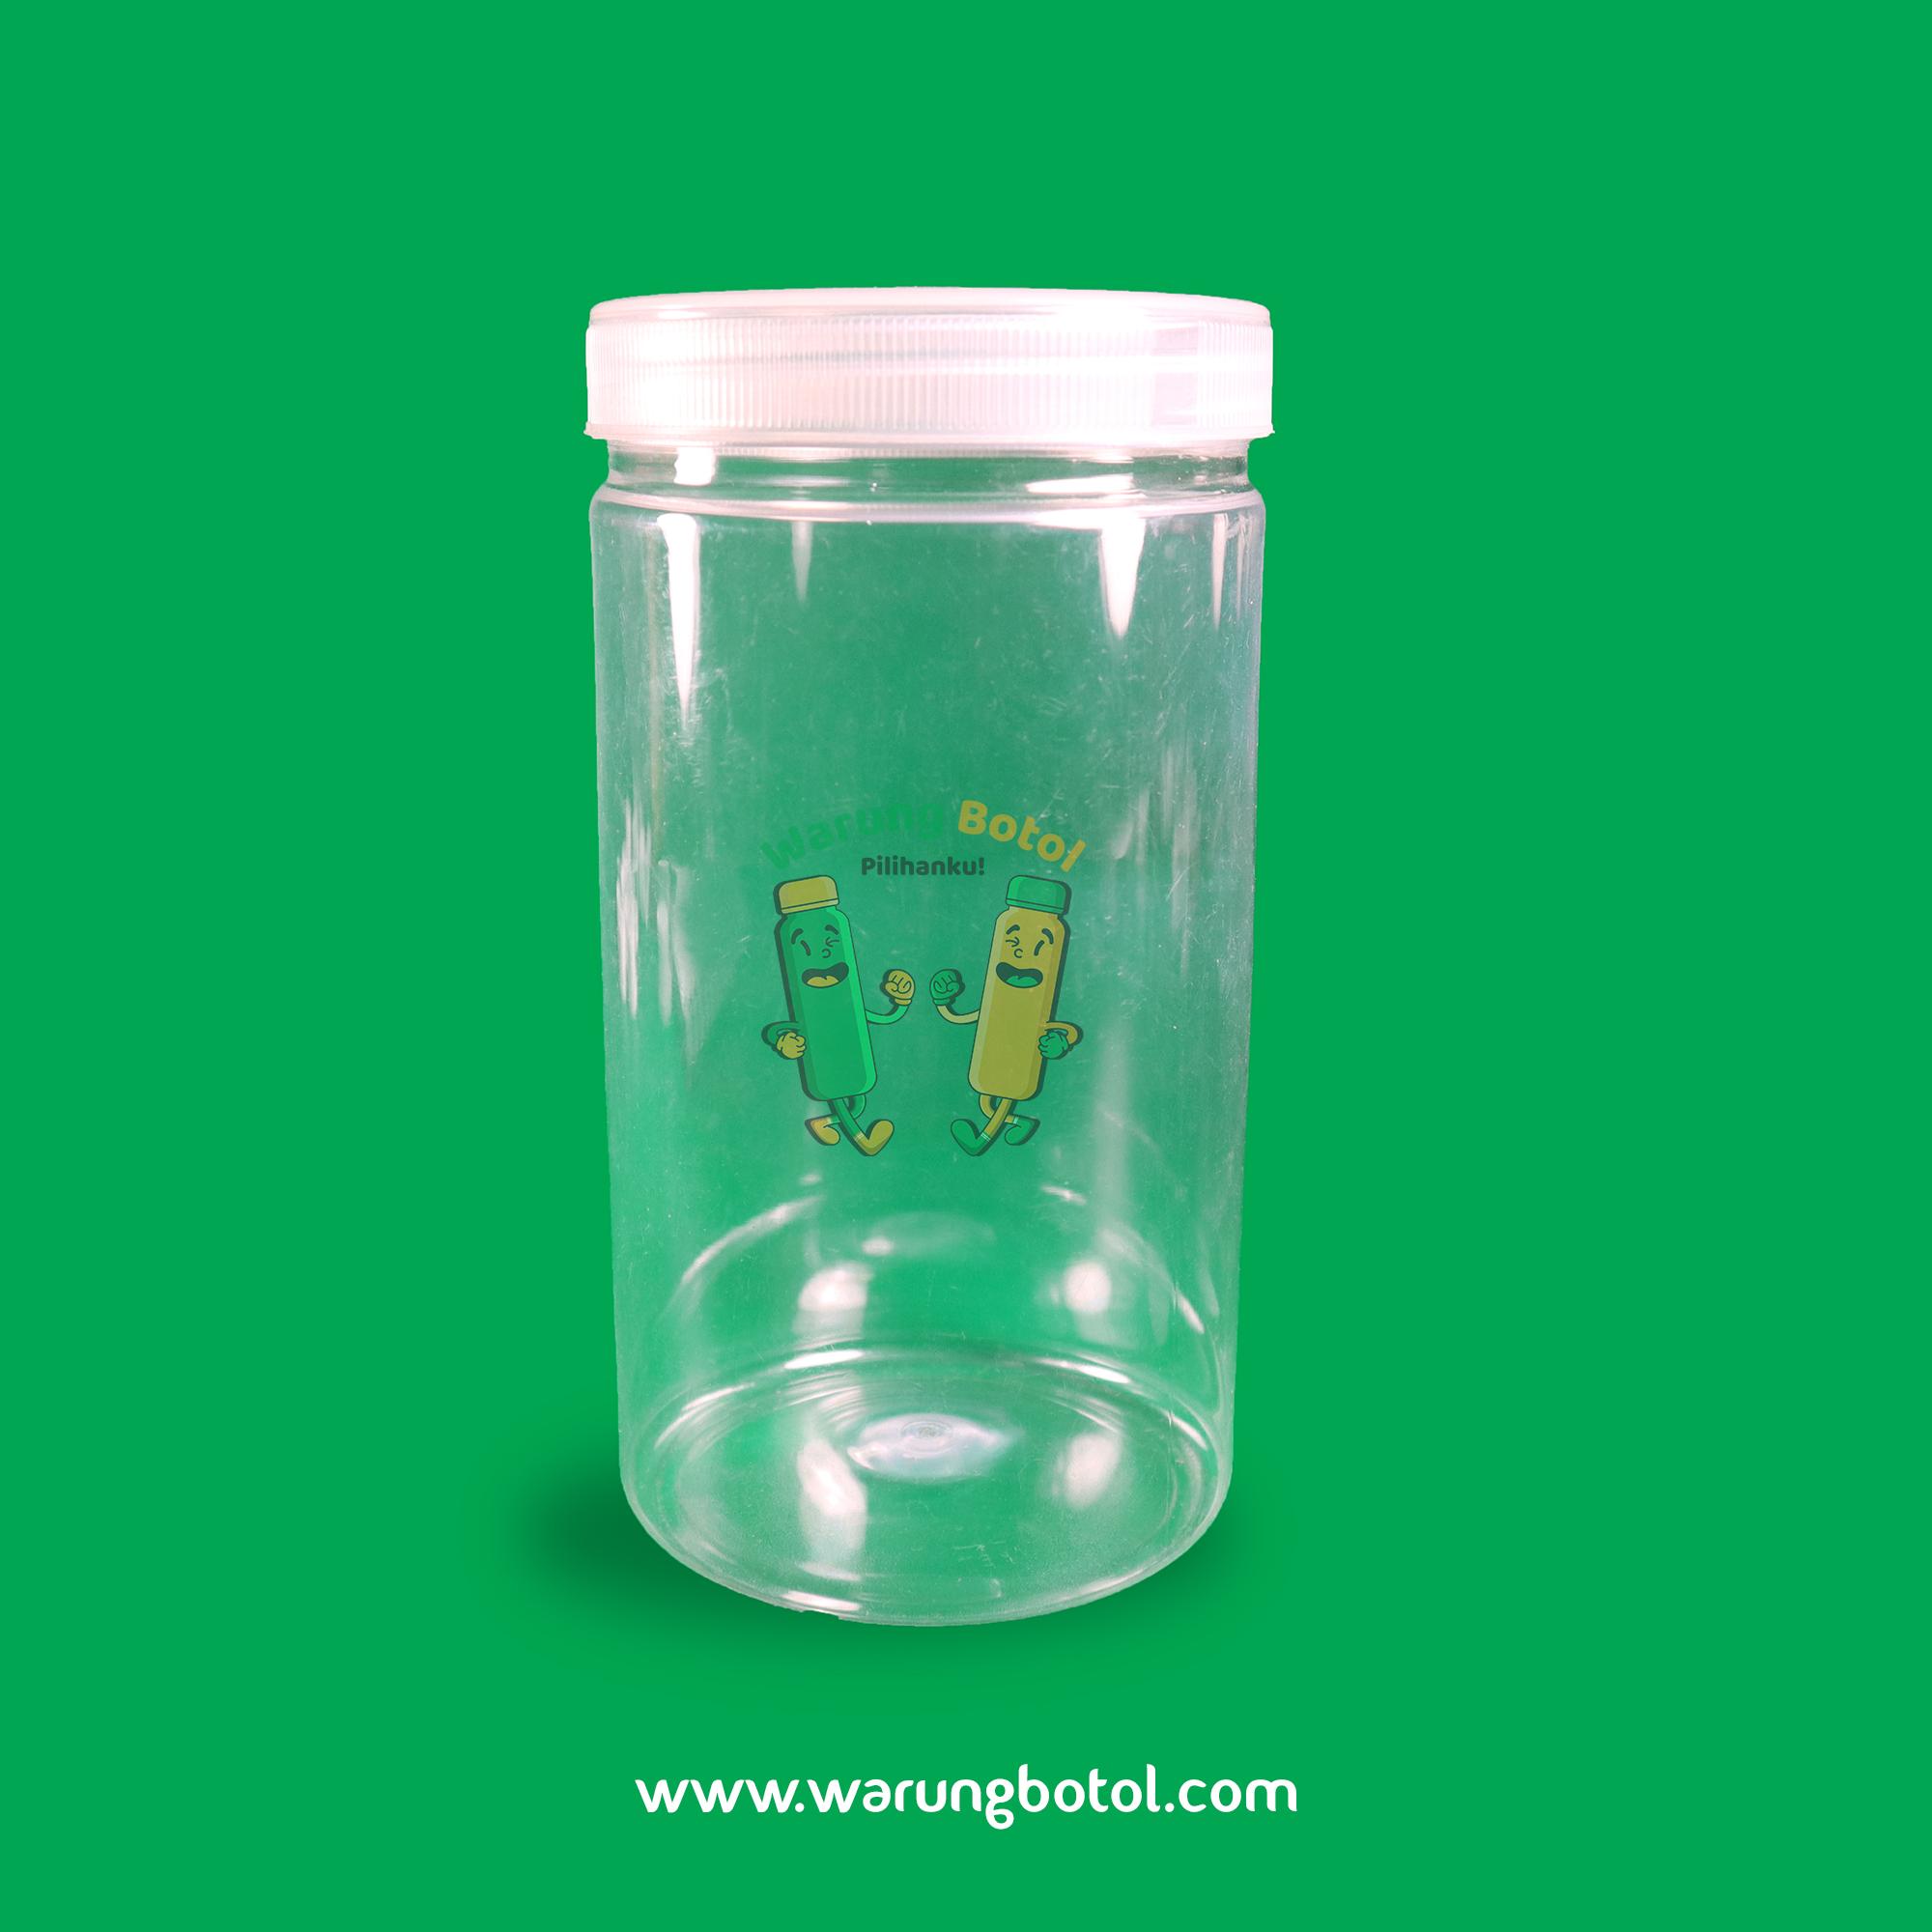 distributor jual toples plastik murah silinder 1000ml 1 liter untuk astor kue kering lebaran coktlat, nastar terdekat di bandung jakarta bekasi bogor